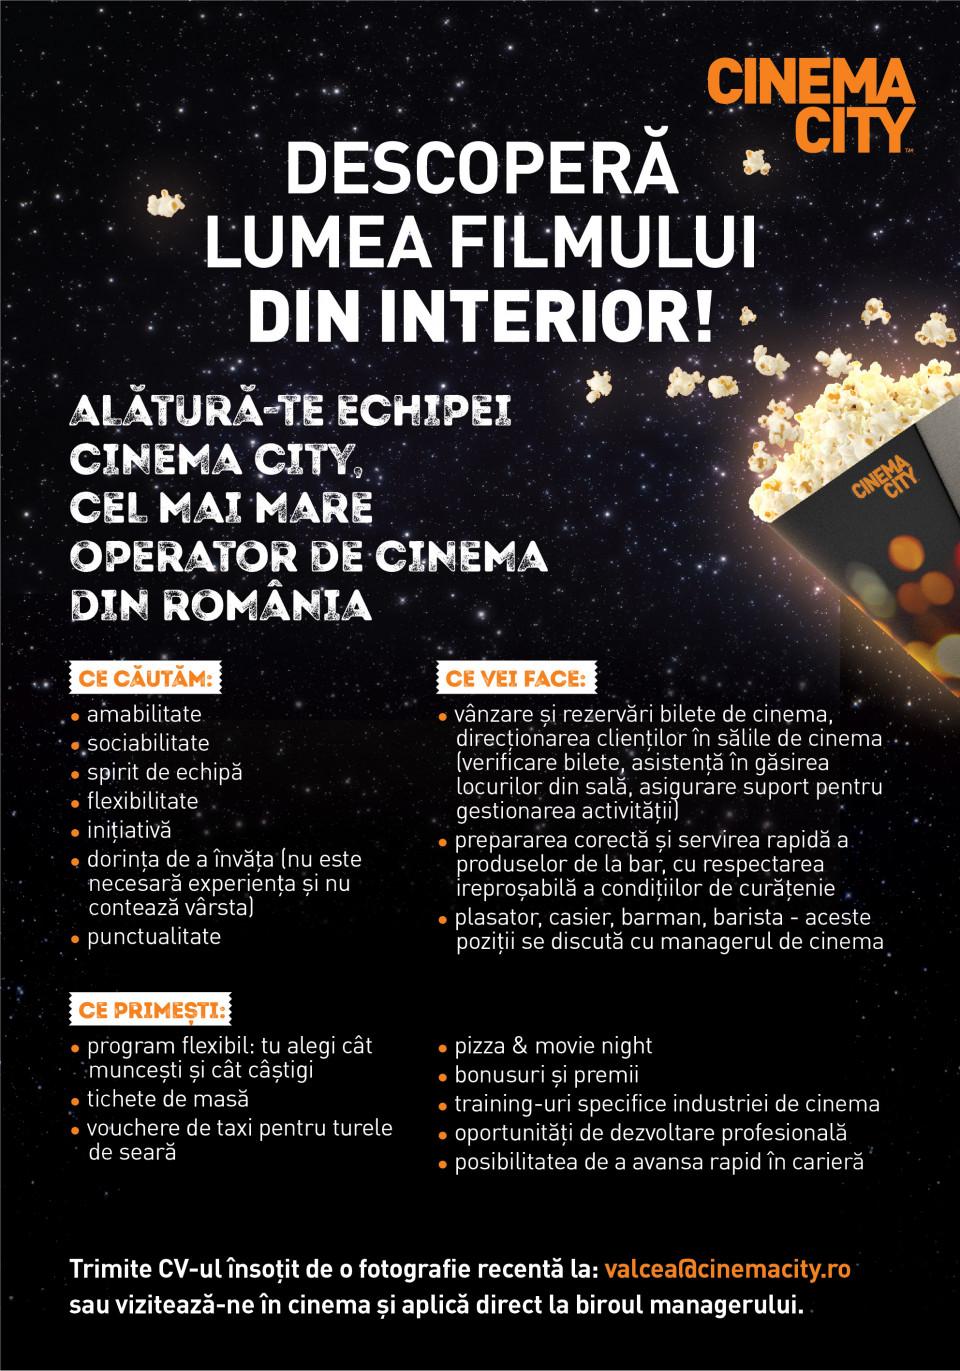 DESCOPERĂ LUMEA FILMULUI DIN INTERIOR!  Alătură-te echipei Cinema City, cel mai mare operator de cinema din România.  Cum ne dorim sa fie noul nostru coleg:  Cu atitudine pozitivă Dornic să învețe (nu este necesară experiența și nu contează vârsta) Punctual Cu bune abilități de comunicare și relaționare Amabil Să îi placă să lucreze în echipă Determinat Cu inițiativă Căutăm colegi care să descopere cu entuziasm lumea filmului din interior pentru următoarele roluri  Barman / Barista / Casier / Plasator  În funcție de rolul potrivit pentru tine, responsabilitățile generale ar putea fi:  - vânzarea de bilete și rezervări bilete de cinema, direcționarea clienților în cinema (verificare bilete, asistență în găsirea locurilor din sală, asigurare suport pentru gestionarea activității);  - preparea corectă și servirea rapidă a produselor de la bar sau cafenea, cu respectarea ireproșabilă a condițiilor de curățenie;  - întâmpinarea clienților și oferirea informațiilor corecte despre produsele noastre;  Barman / Barista / Casier / Plasator – aceste poziții se discută în cadrul interviului.  Ce îți garantăm:  - Program flexibil (tu alegi cât muncești și cât câștigi) - Tichete de masa - Pizza & Movie night - Bonusuri și premii - Training-uri specifice industriei de cinema - Vouchere de taxi pentru turele de seară - Oportunități de dezvoltare profesională - Posibilitatea de a avansa rapid în carieră  Punem accent pe dezvoltarea oamenilor și ne dorim ca fiecare coleg să fie foarte bine pregătit profesional existând șanse de promovare. Dezvoltă și tu o carieră în industria de cinema!  Trimite CV-ul insotit de o fotografie recenta la: valcea@cinemacity.ro sau viziteaza-ne in cinema si aplica direct la biroul managerului.  Te așteptăm cu drag! Descoperă lumea filmului din interior!Alătură-te echipei Cinema City, cel mai mare operator de cinema din România, parte din Cineworld, al doilea mare lanț de cinematografe din lume!Ne dorim să fim cel mai bun loc unde se vizionează filmele și